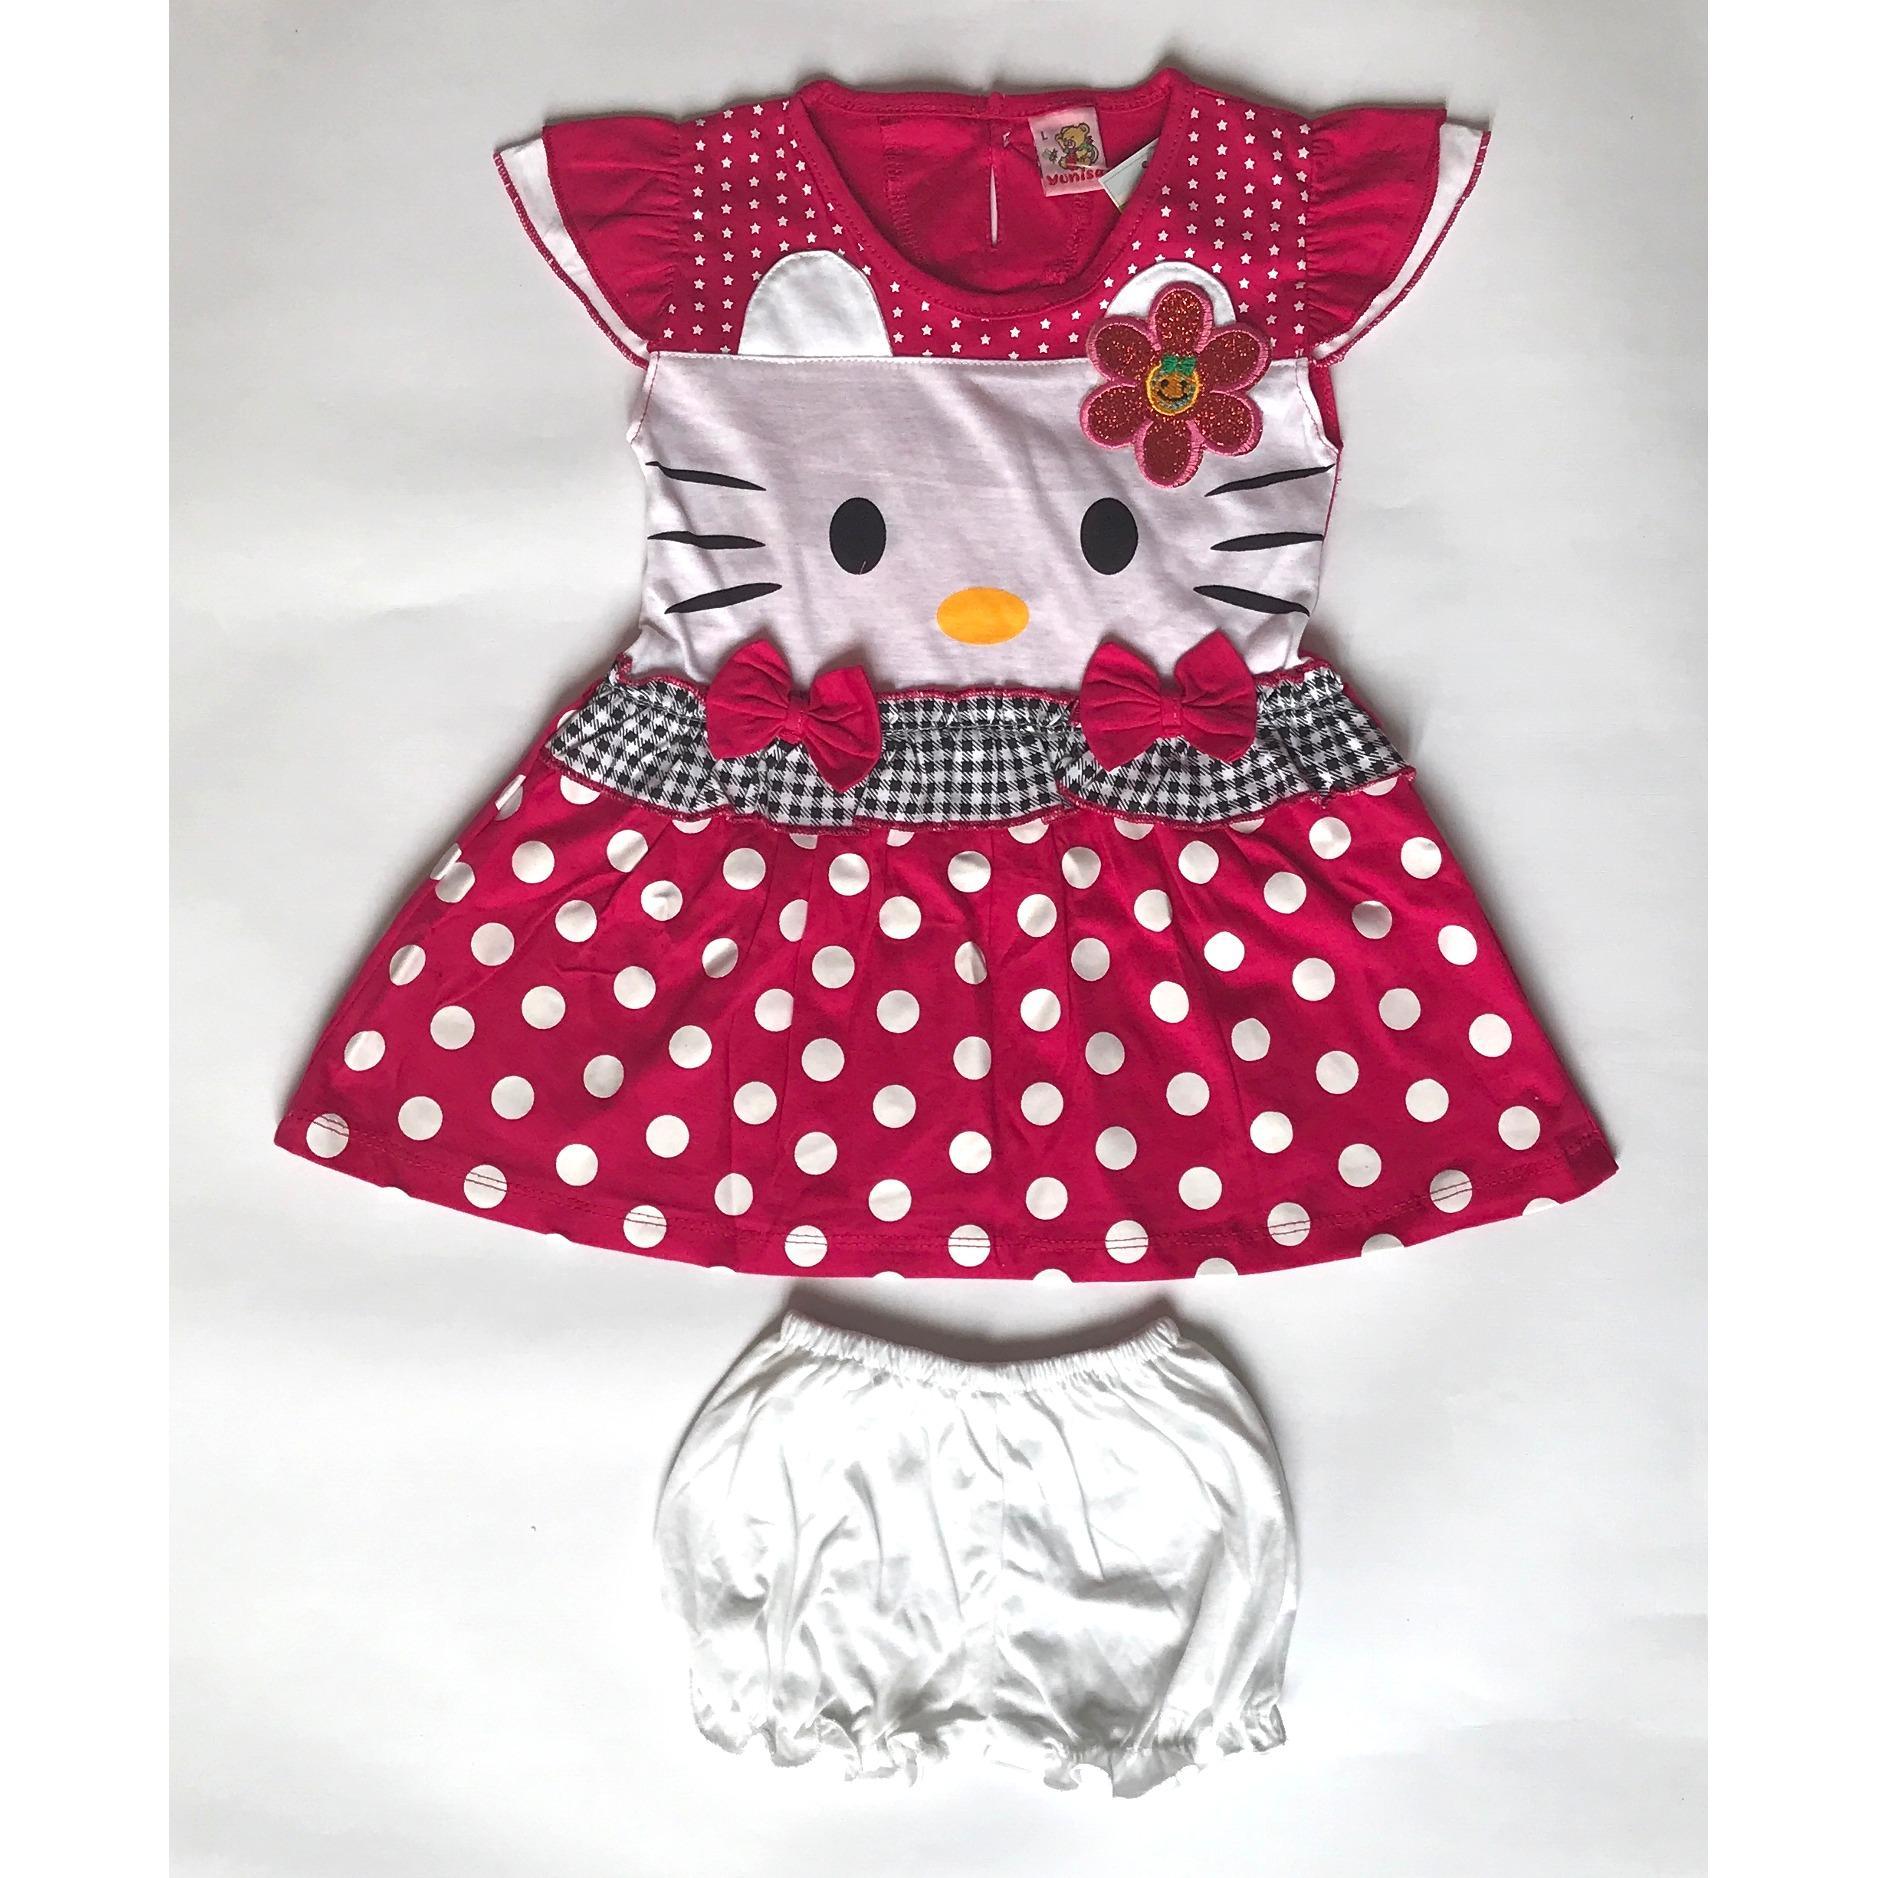 BAYIe - Setelan Baju Bayi Dress Perempuan motif HELLO KITTY YUNISA / Pakaian anak cewek umur 1 - 2 tahun